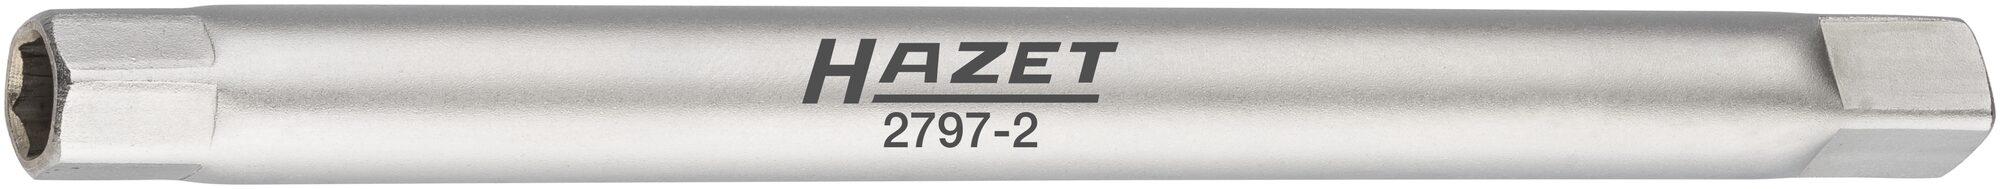 HAZET Stoßfänger Rohr-Steckschlüssel 2797-2 ∙ Vierkant hohl 6,3 mm (1/4 Zoll) ∙ Außen-Sechskant Profil ∙ 8 mm